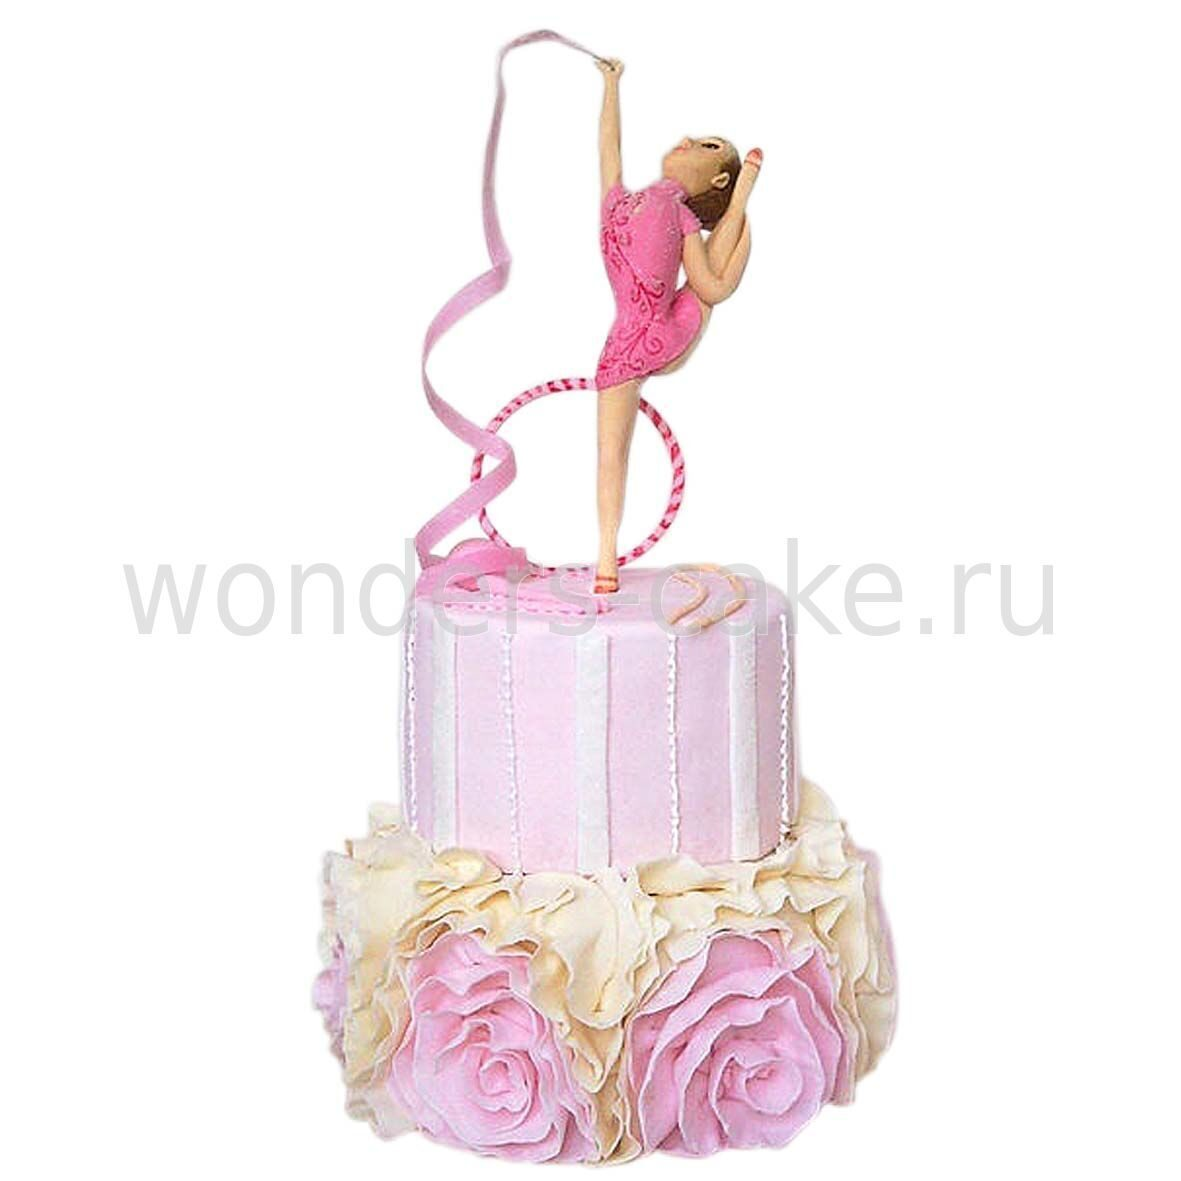 Поздравление с днем рождения спортсменке девочке